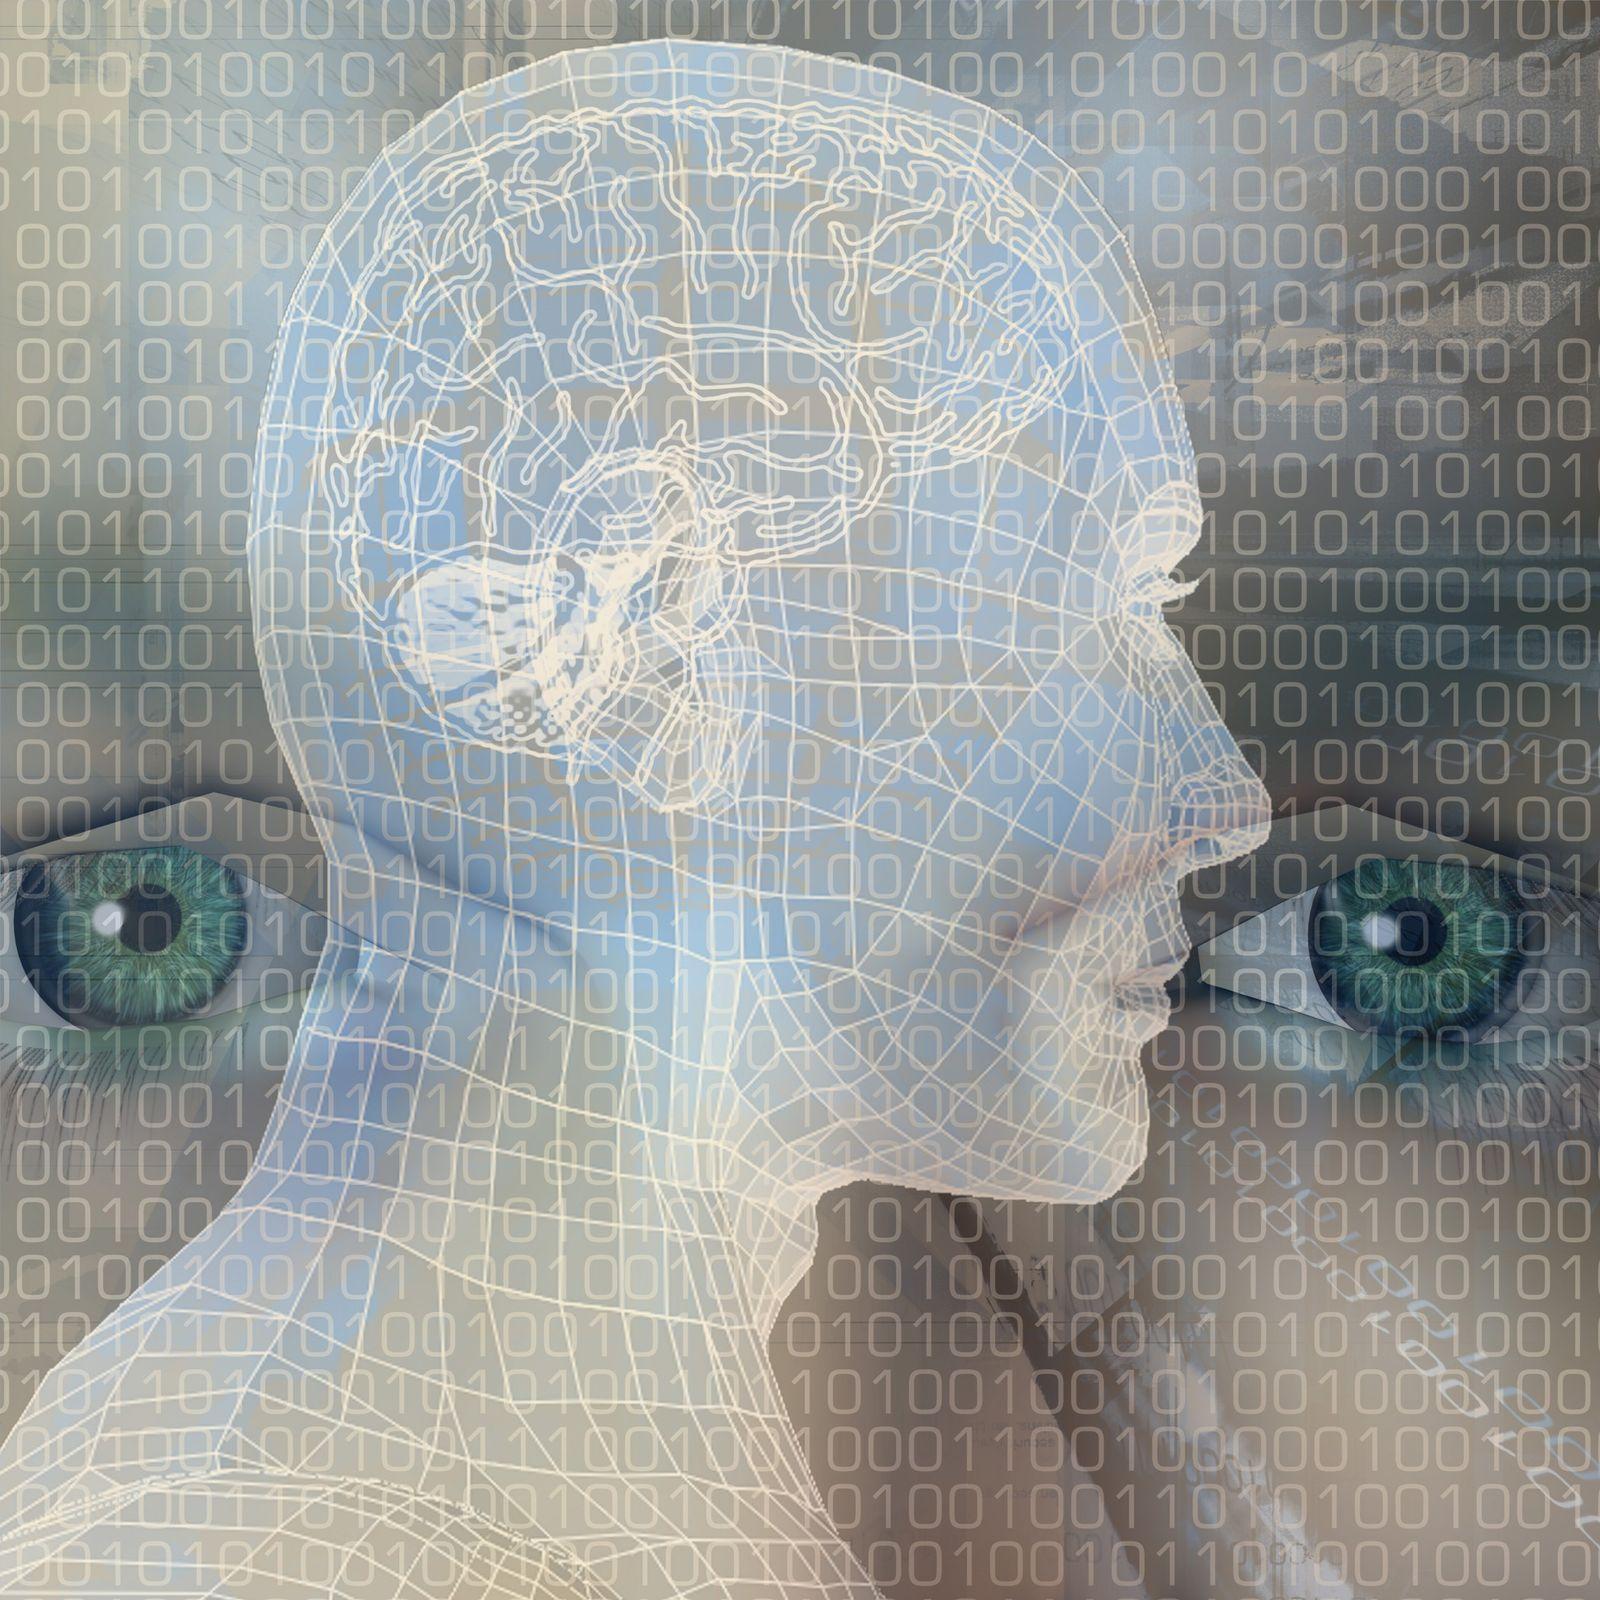 NICHT MEHR VERWENDEN! - Mensch / Gehirn / Geist / Computer / Entspannung / Wahrnehmung